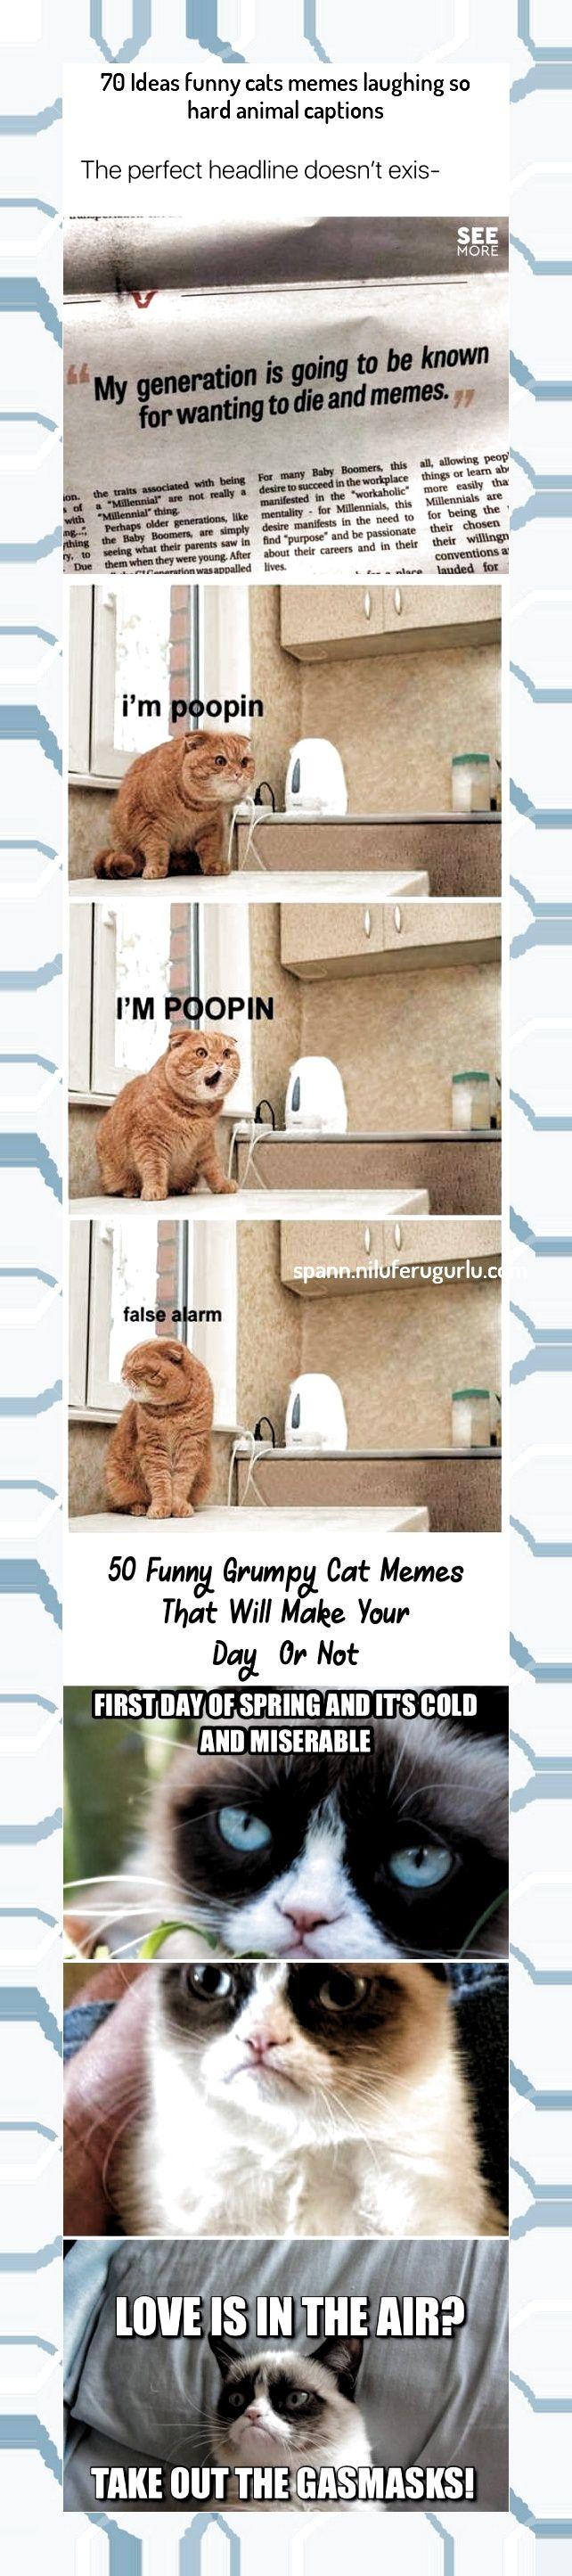 Cake aesthetic Comics and cartoons grumpy cat memes laughing so hard, funny memes hilarious